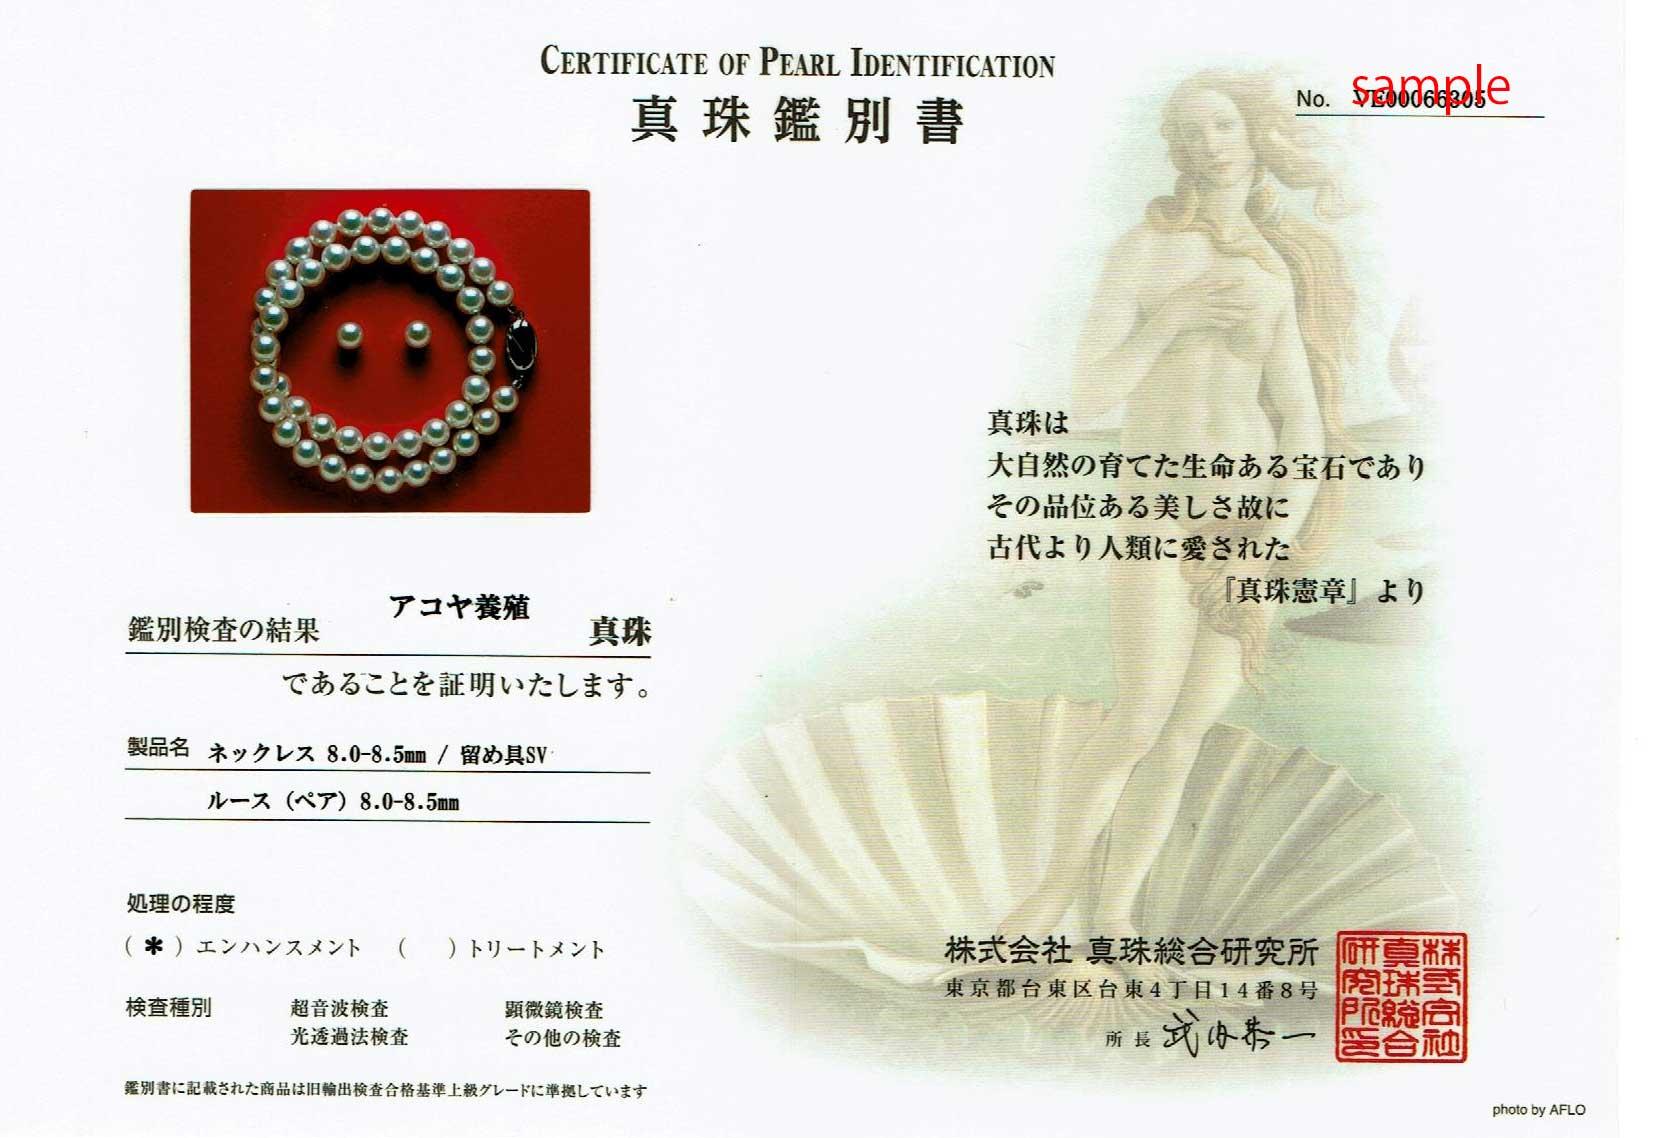 【300-11】老舗の真珠専門店・花珠級アコヤ真珠ネックレス・ピアスセット8.0~8.5ミリ*